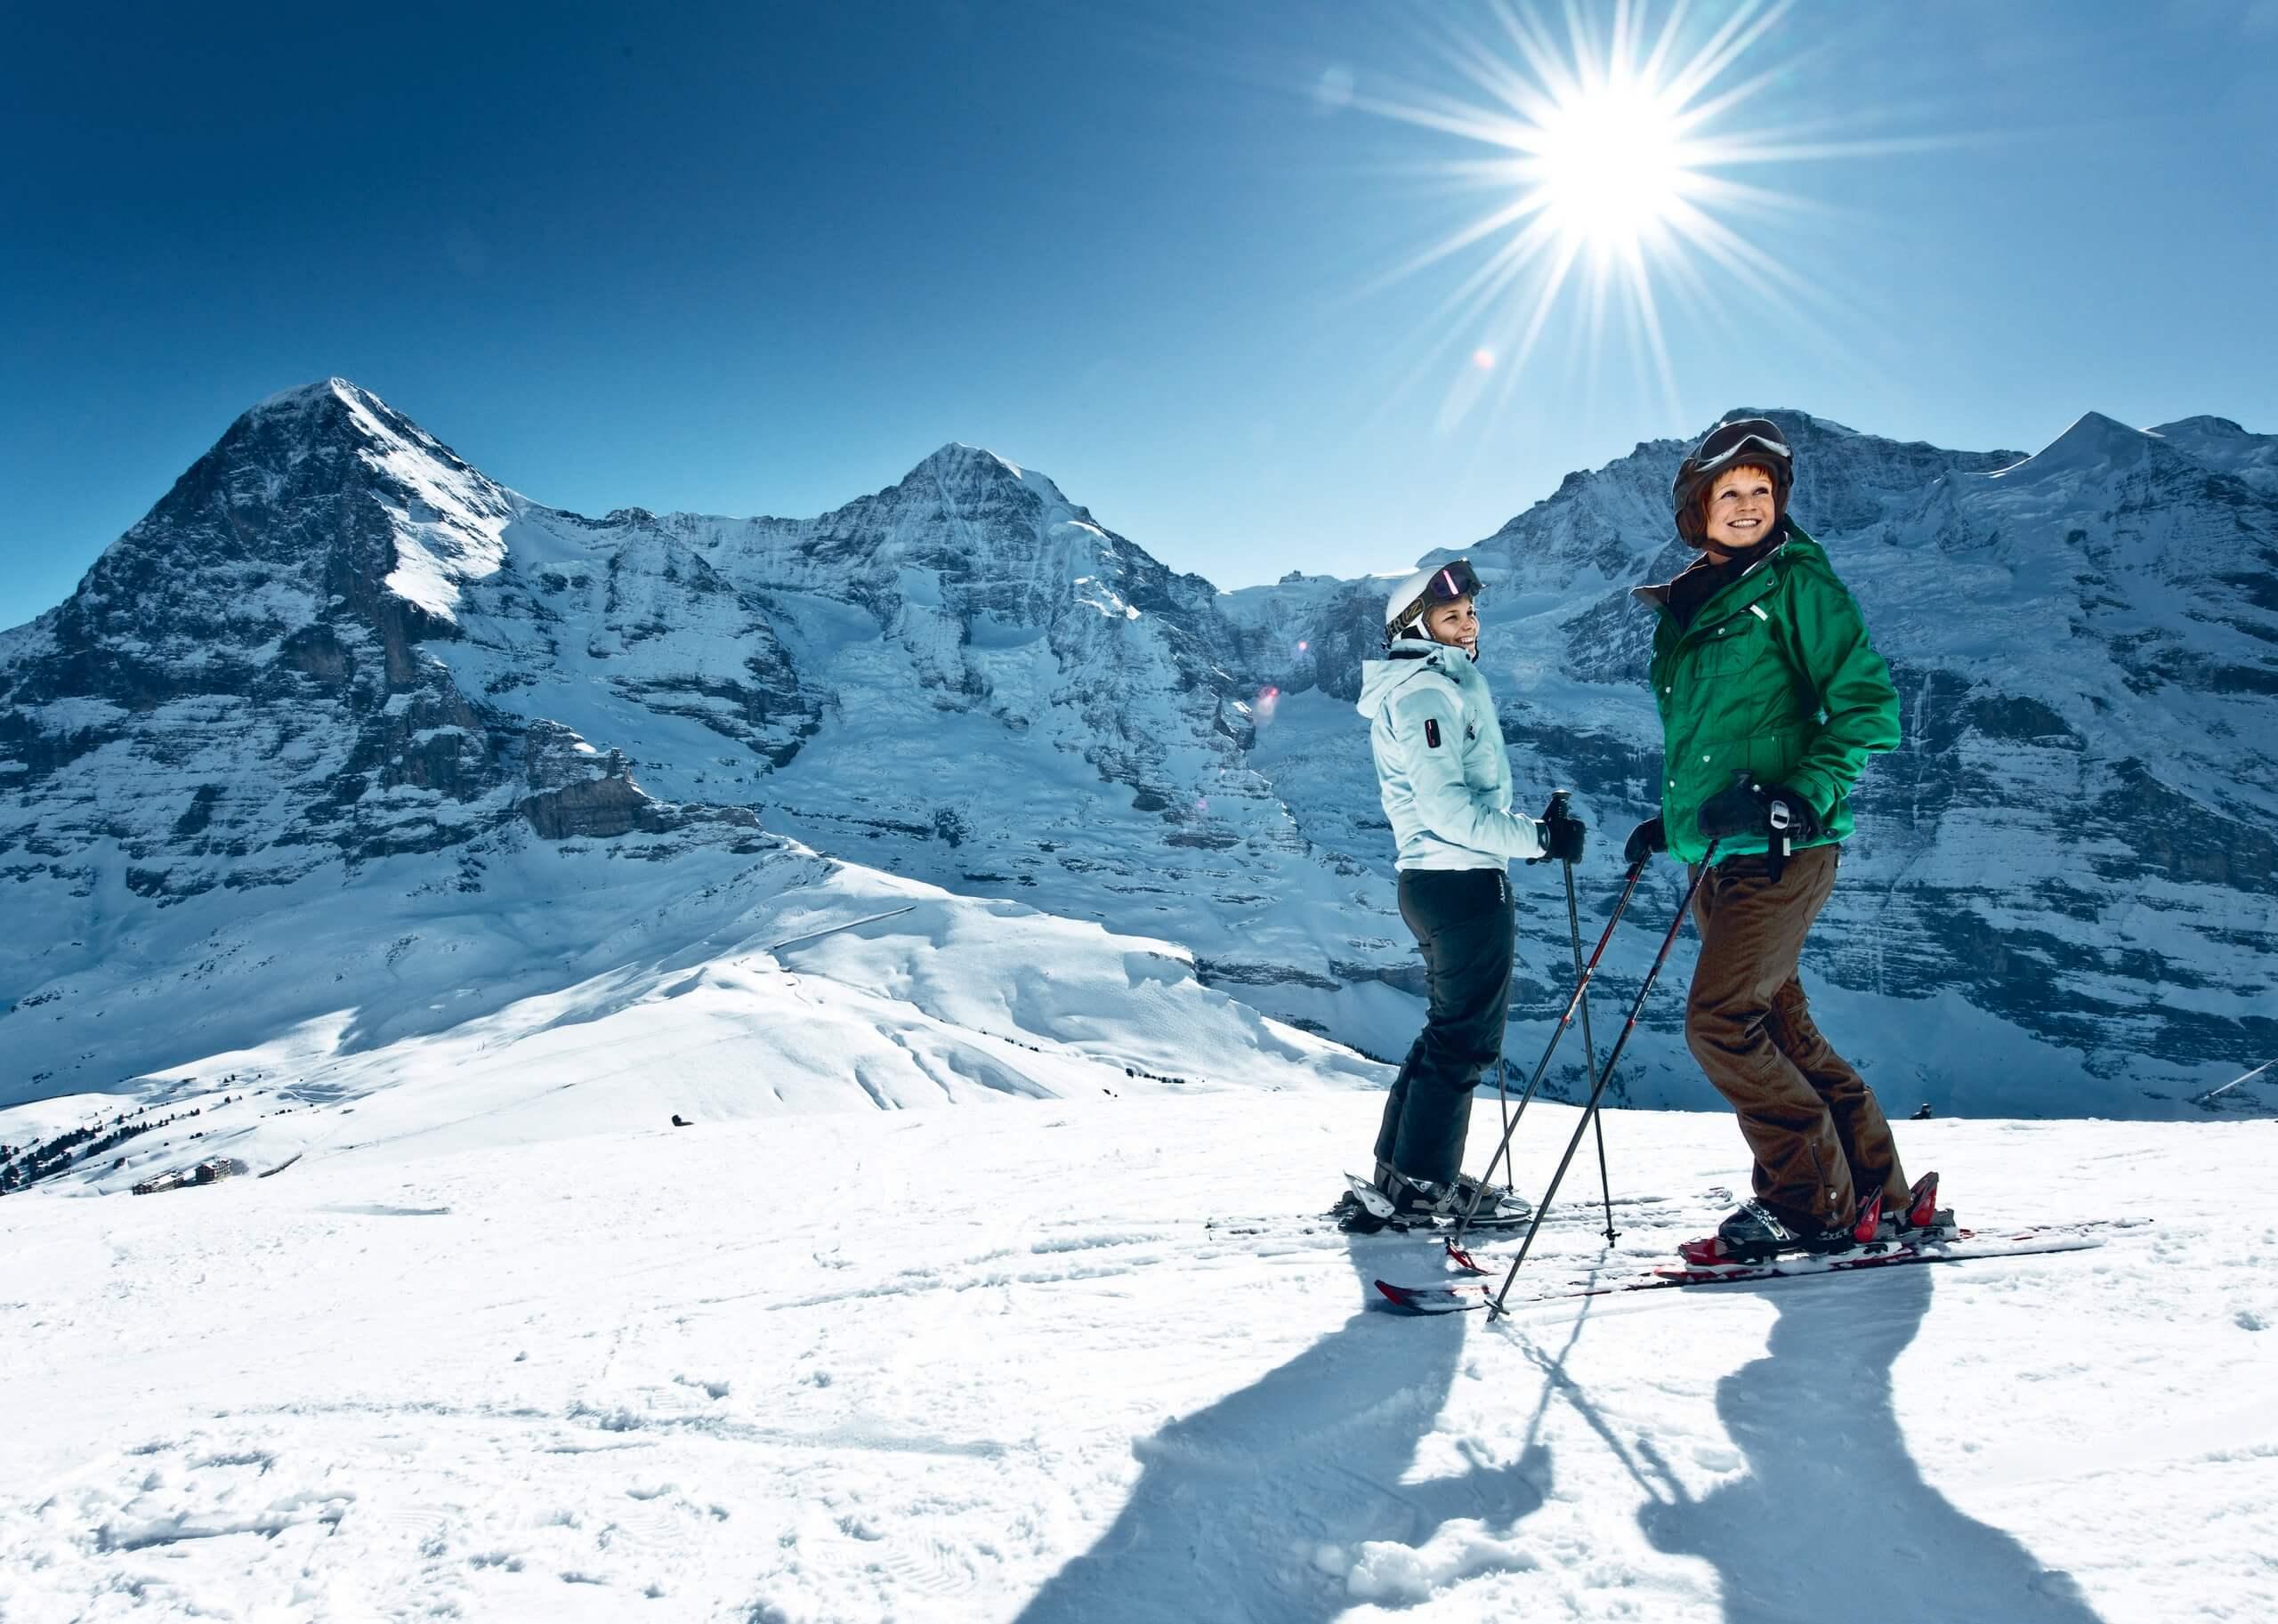 kleine-scheidegg-winter-skifahren-sonnenschein